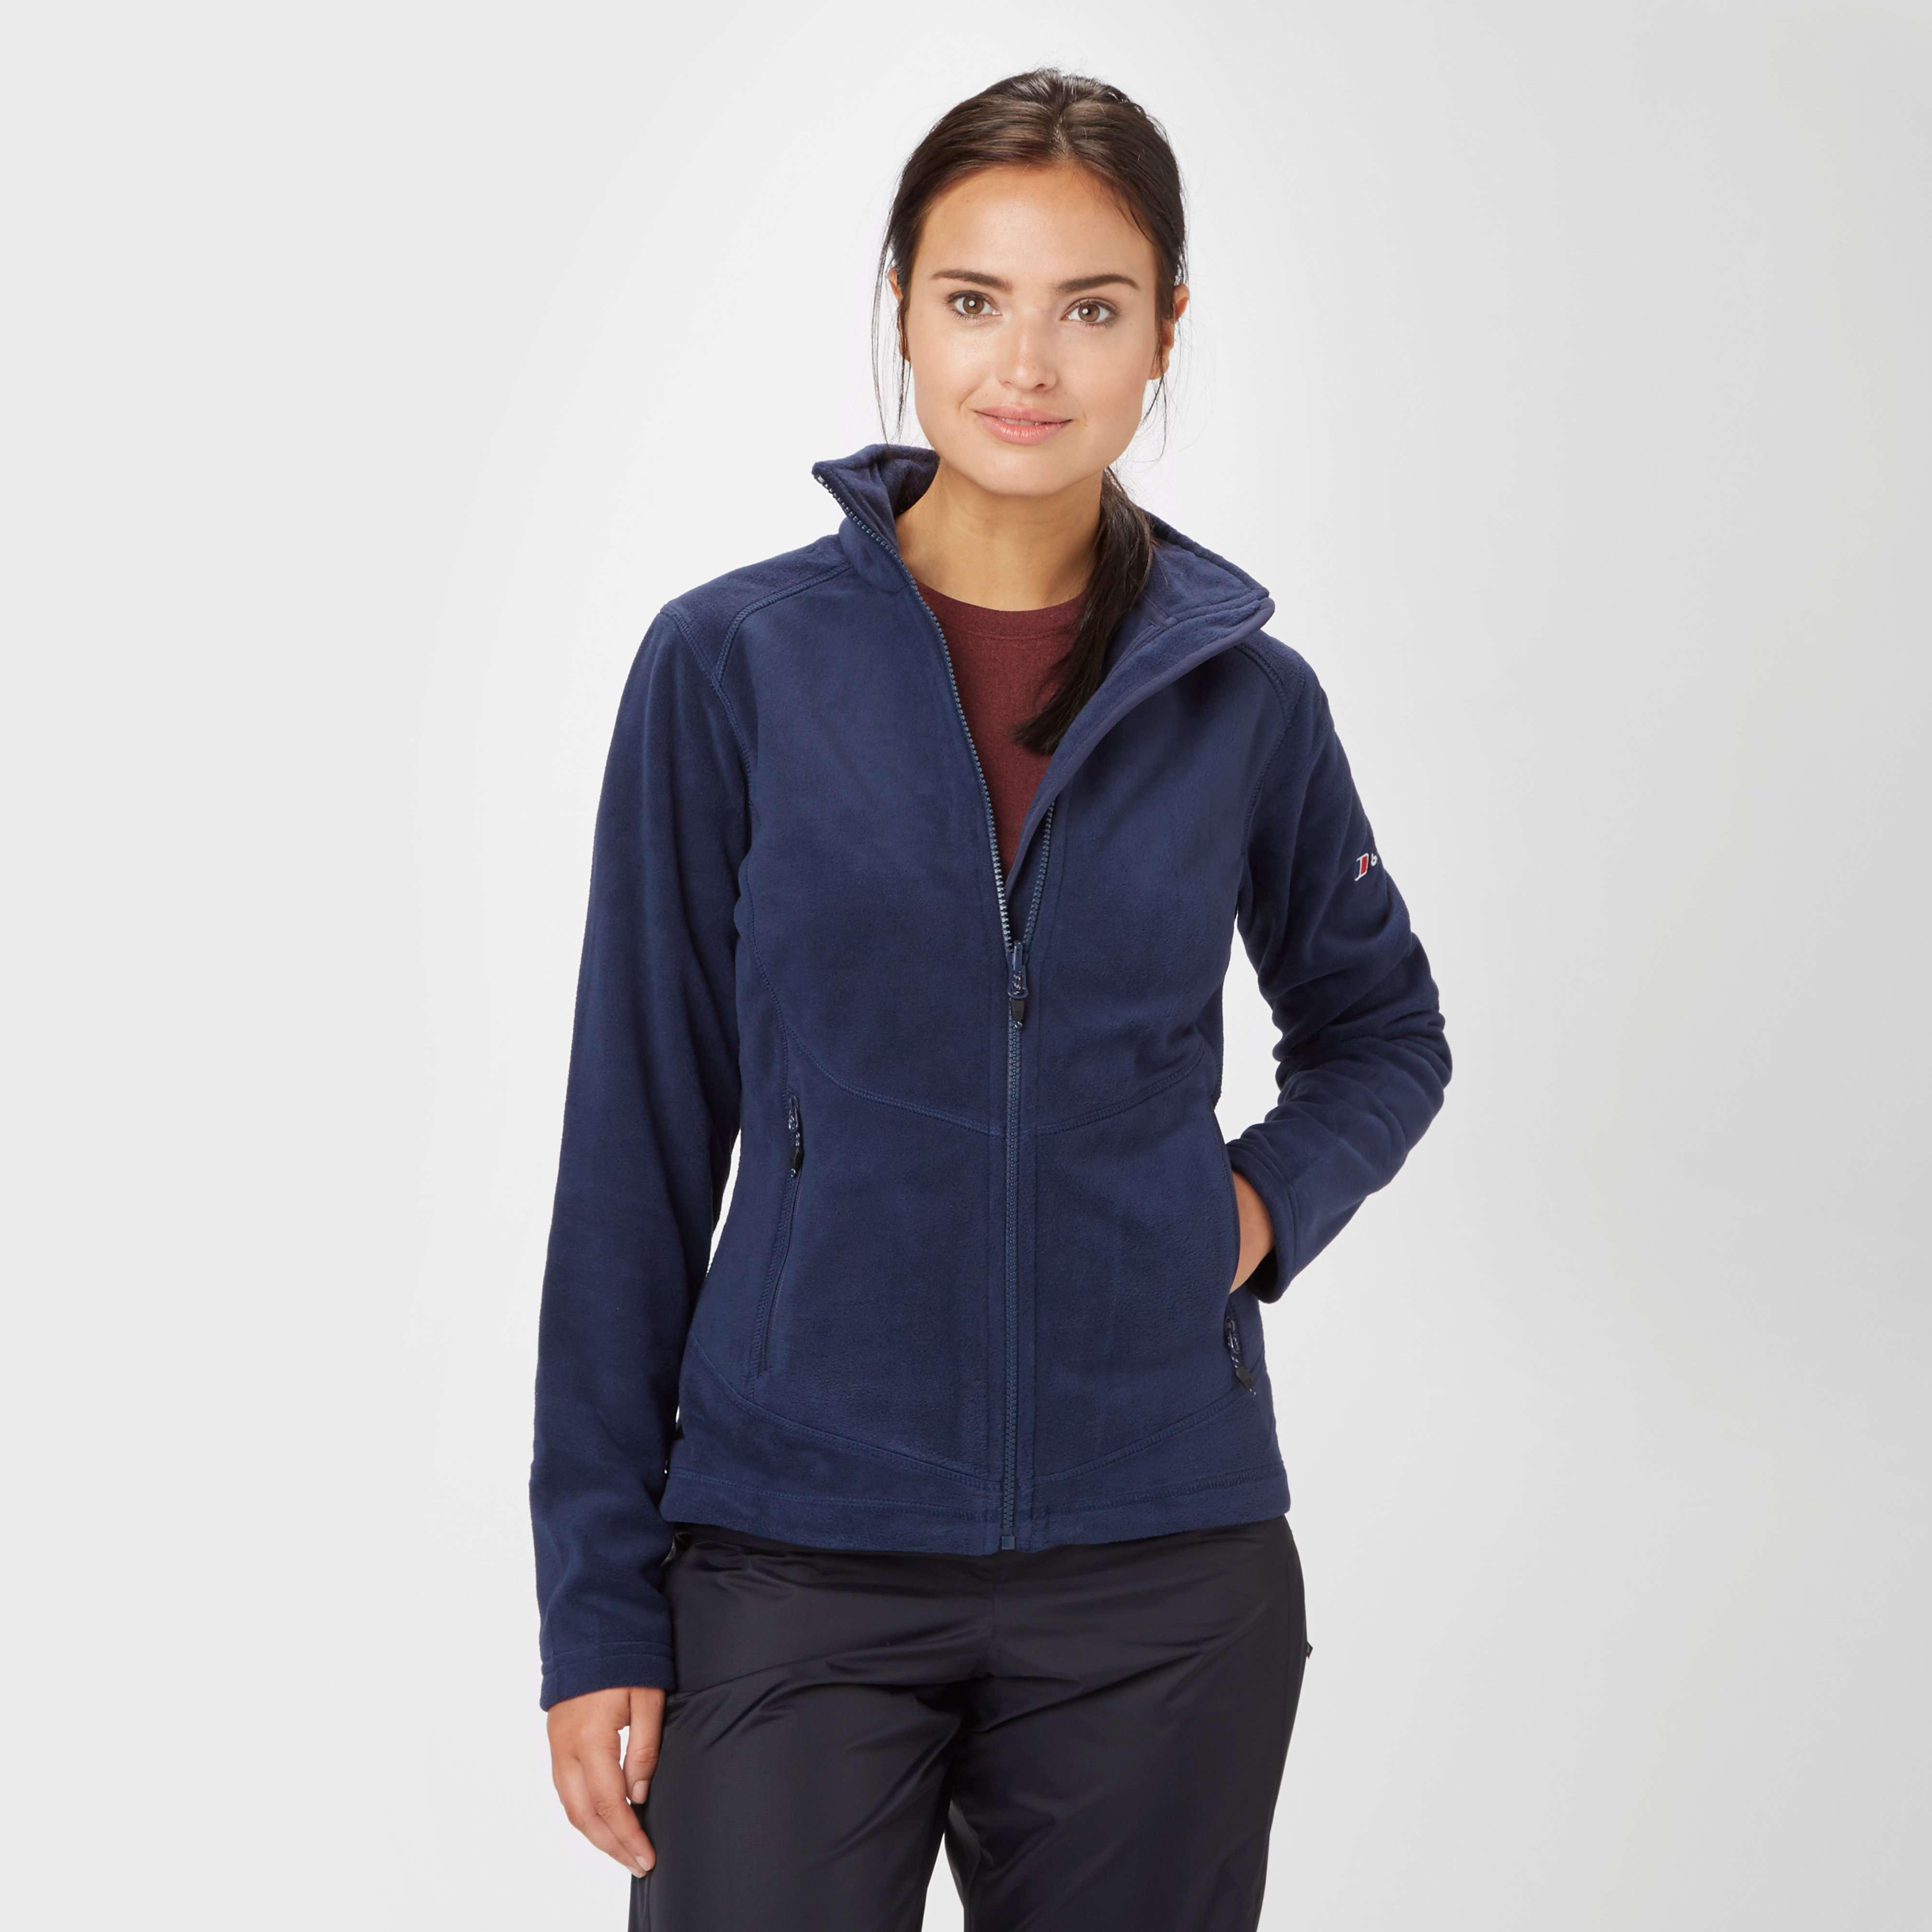 BERGHAUS Women's Prism II Full-Zip Micro Fleece